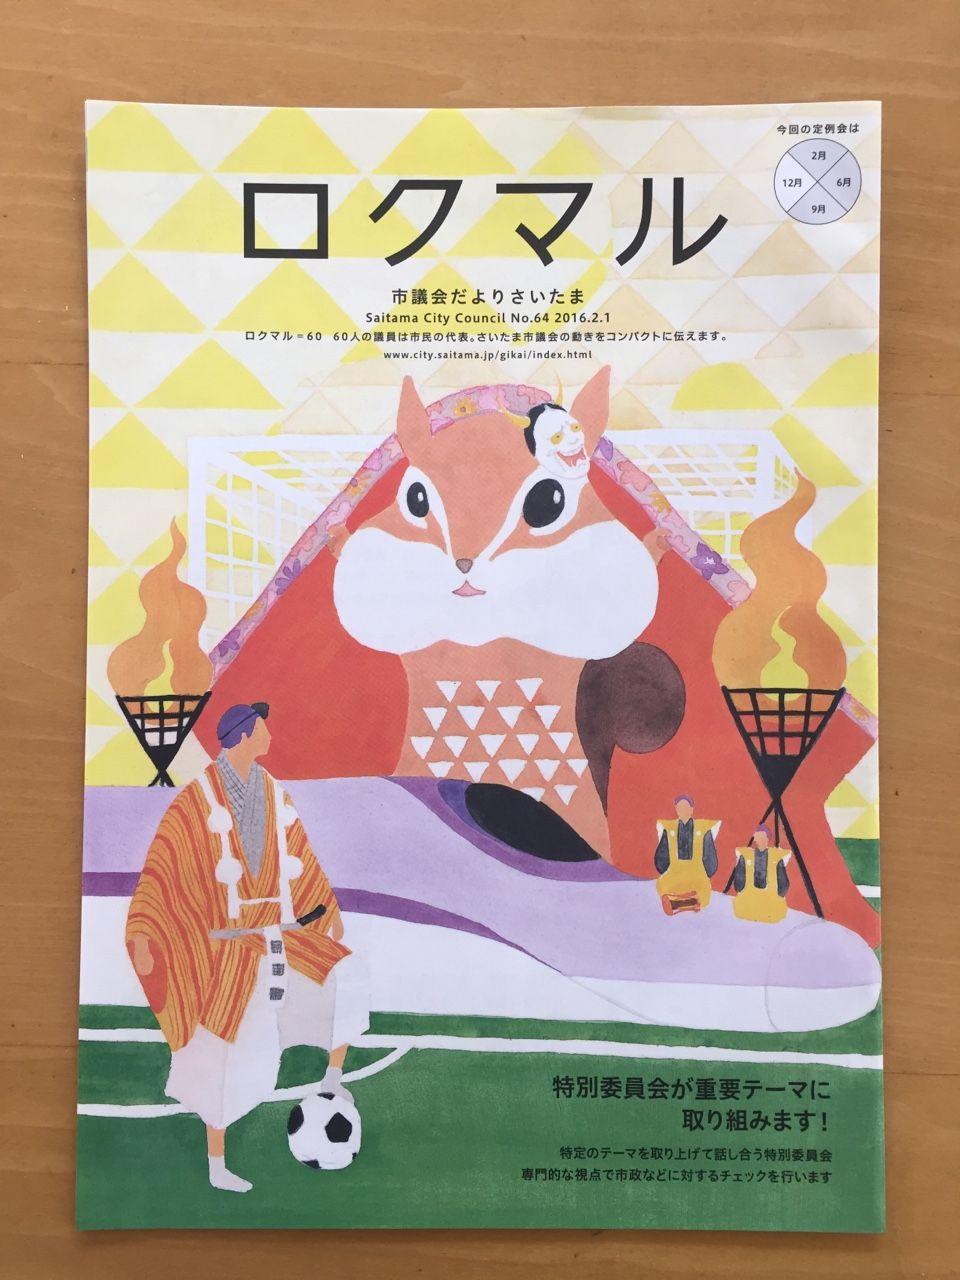 agasuke blog | イラスト, リス, りす イラスト